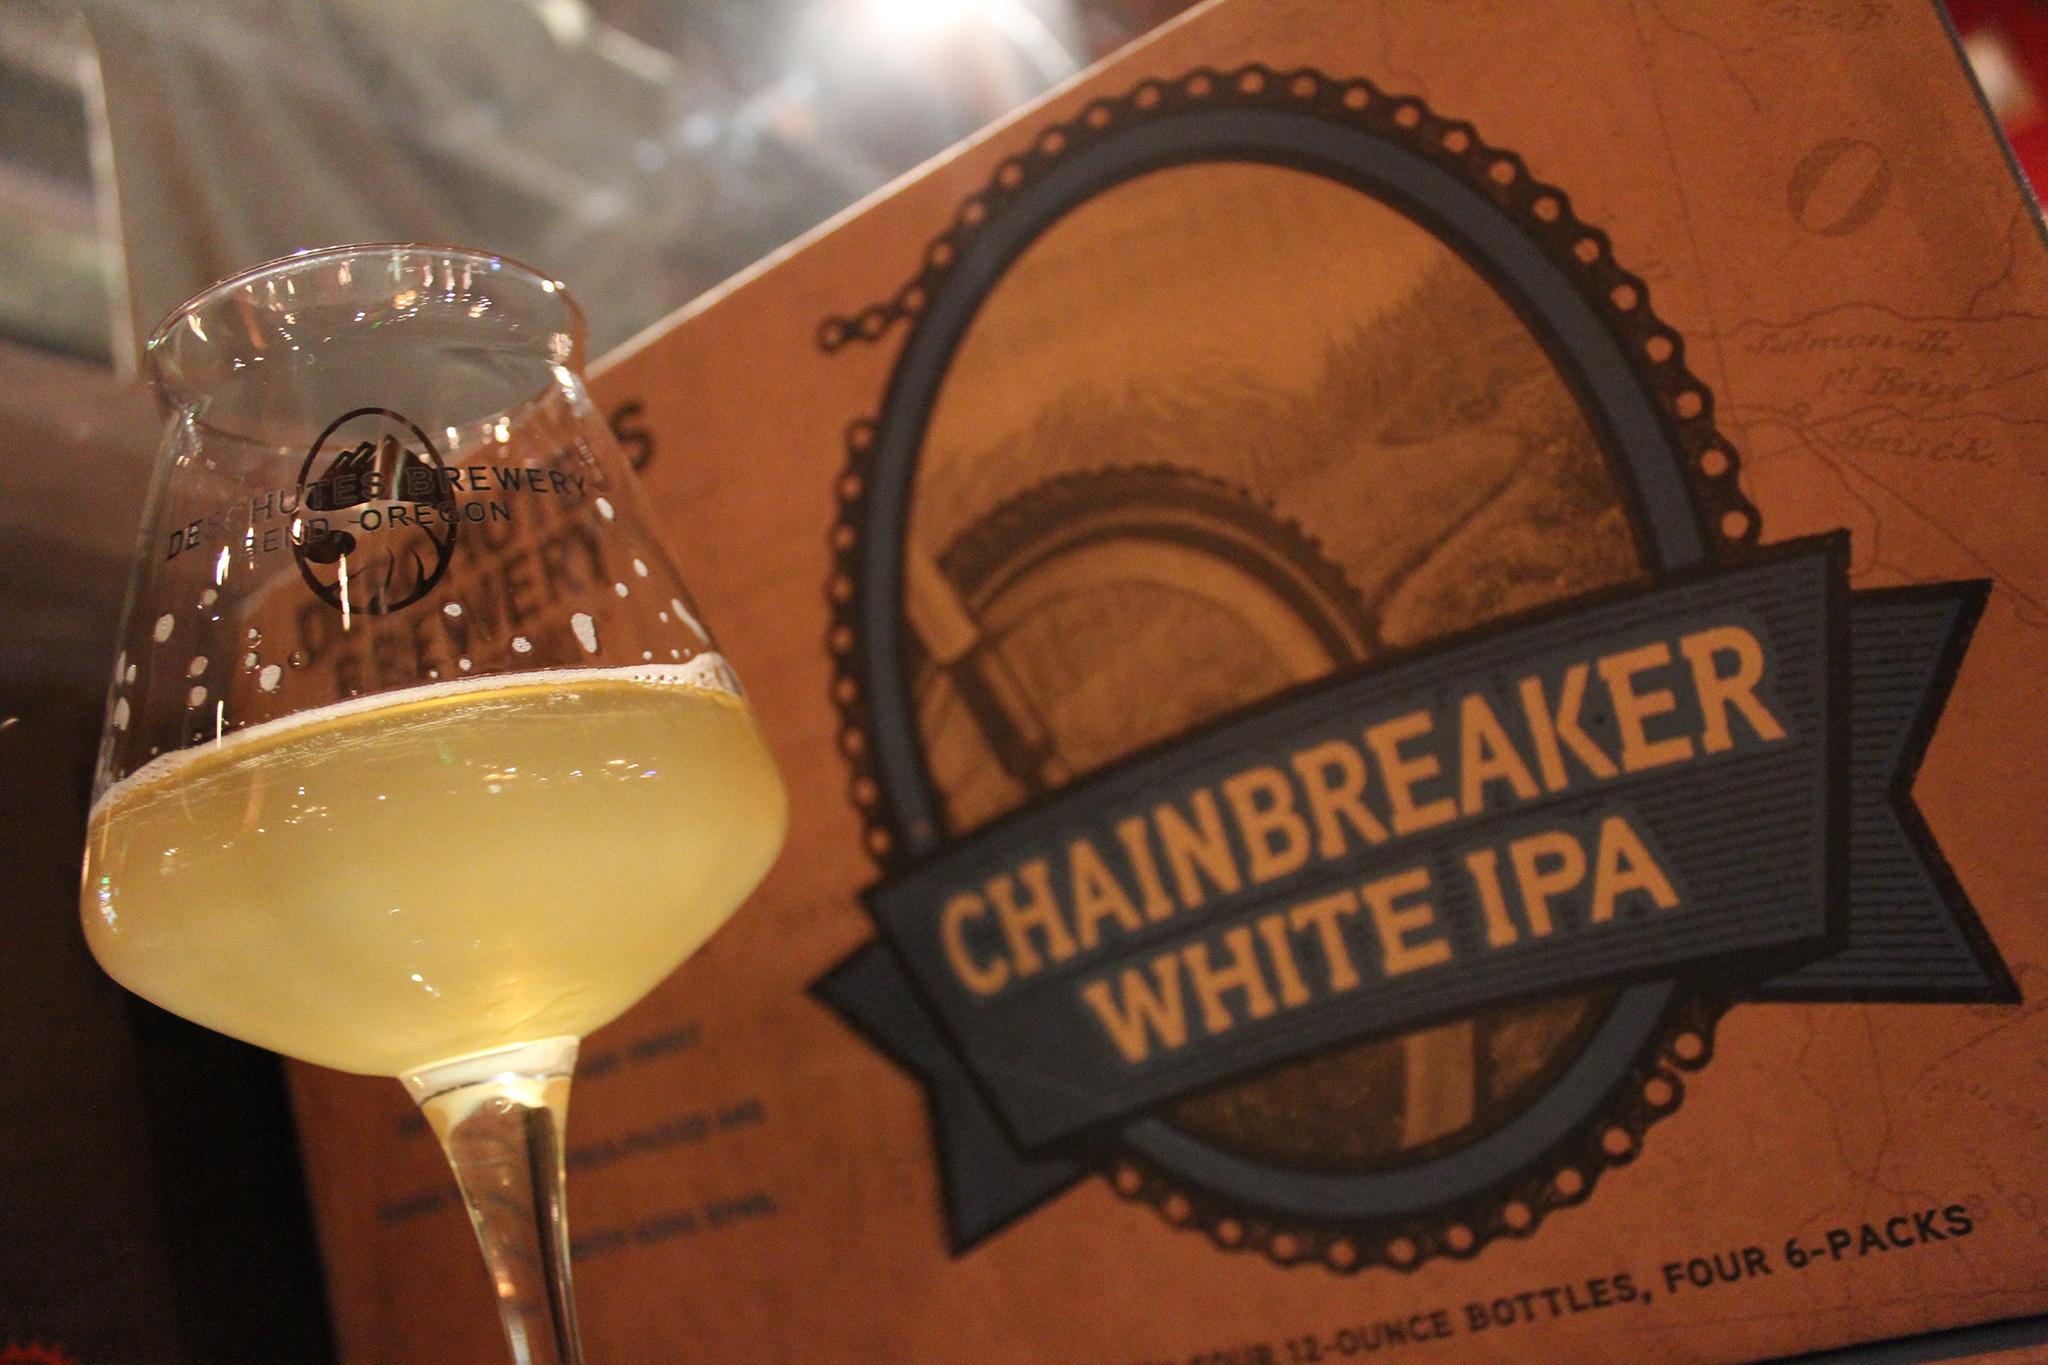 Chainbreaker White IPA, Deschutes, Bend, OR